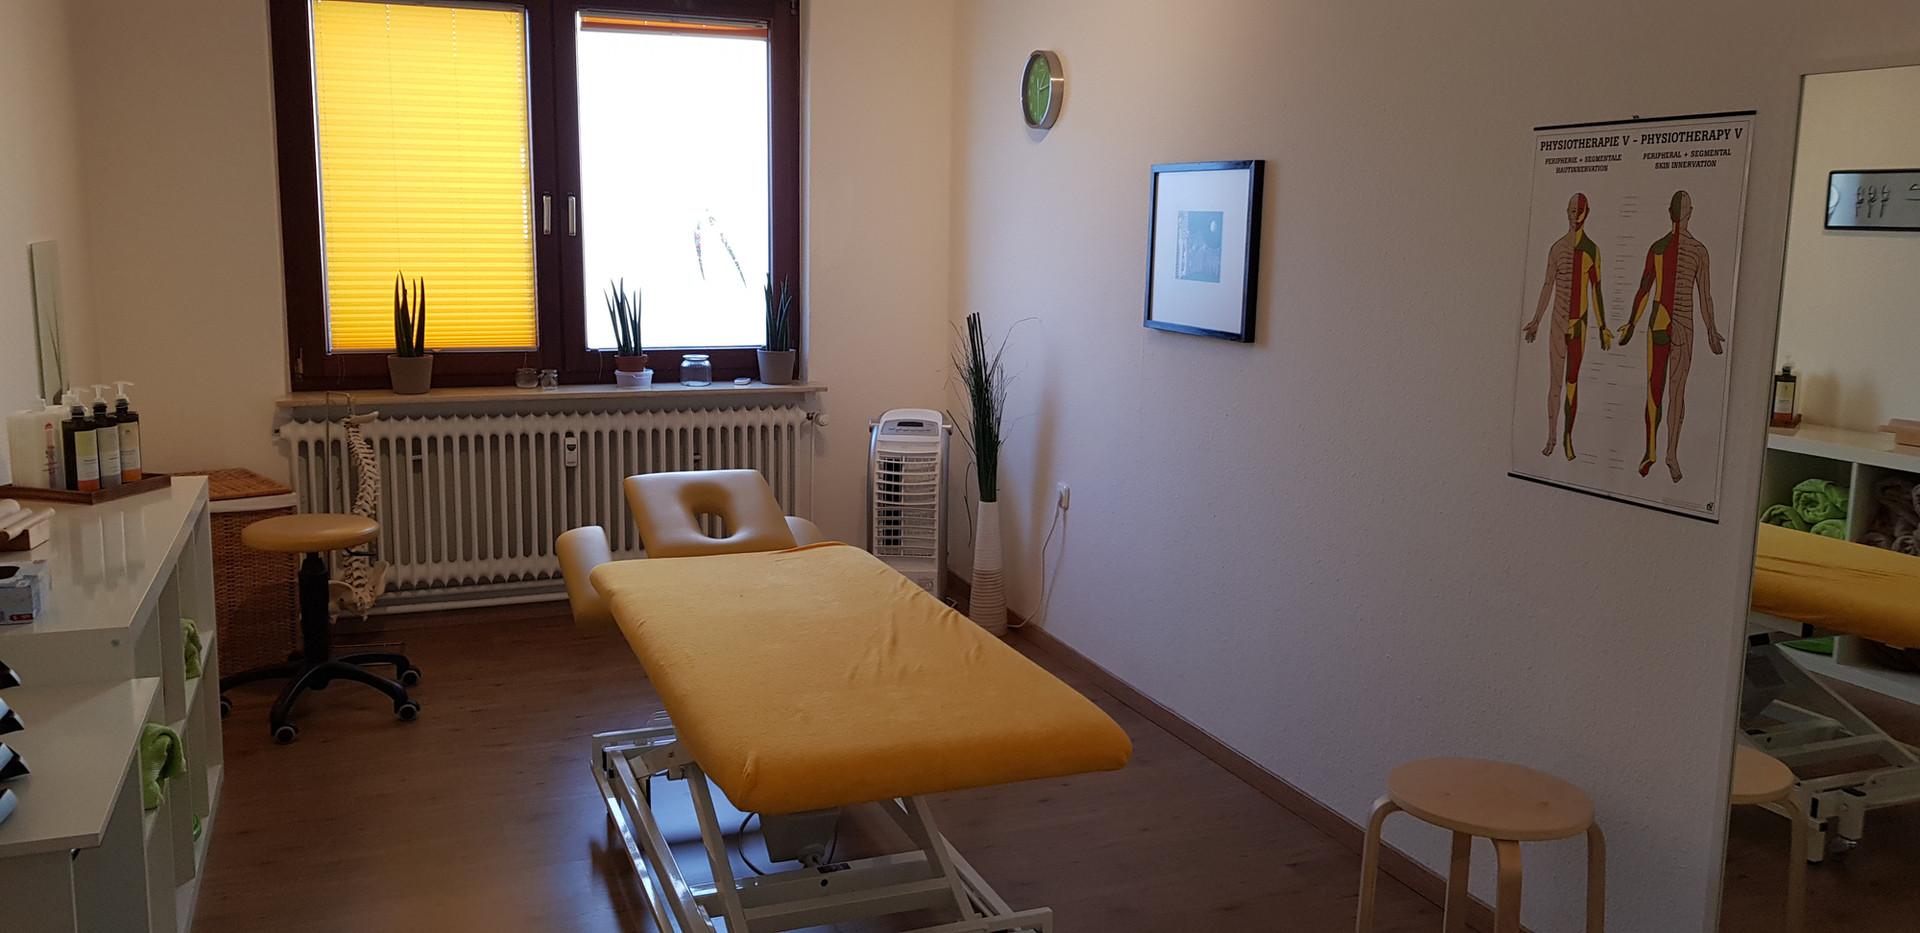 therapie-2.jpg